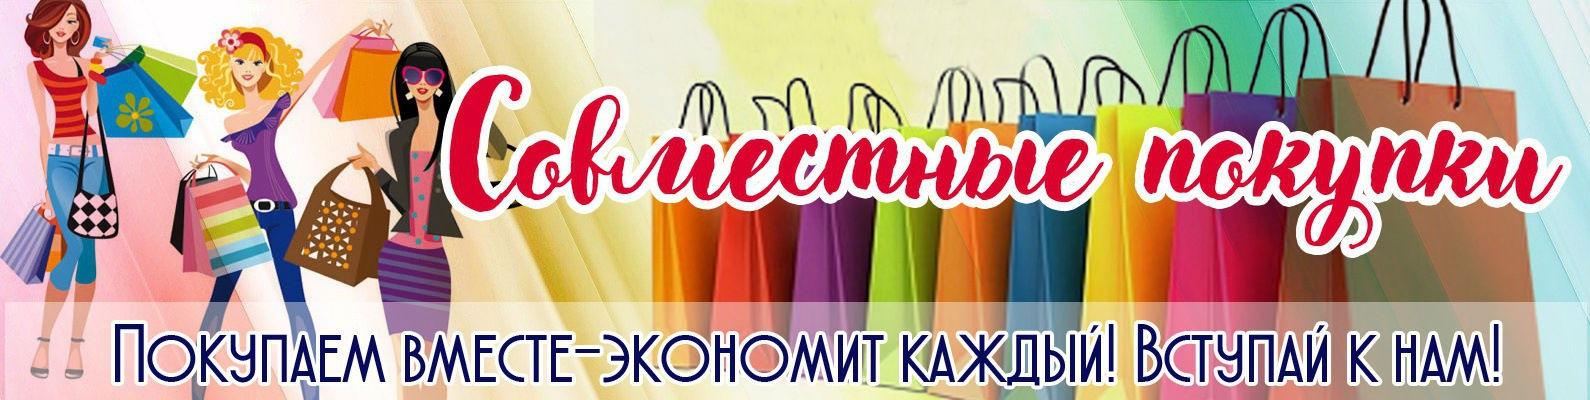 картинки на аватарку совместных покупок организациях